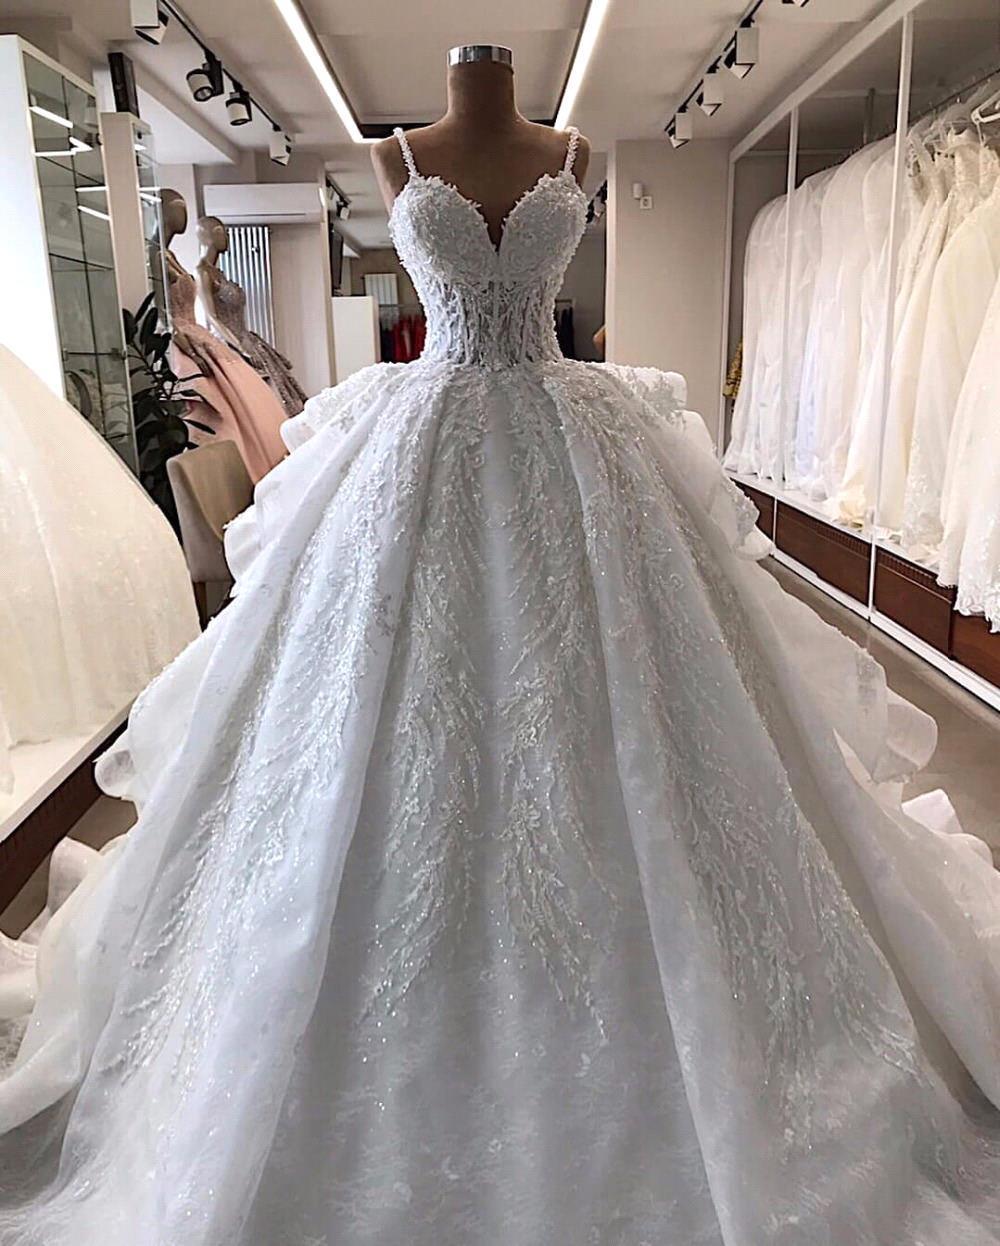 رداء دي ماري 2020 فستان زفاف فاخر بدون ظهر الأميرة زين فساتين زفاف بدون حمالات مع فستان متدرج الزفاف